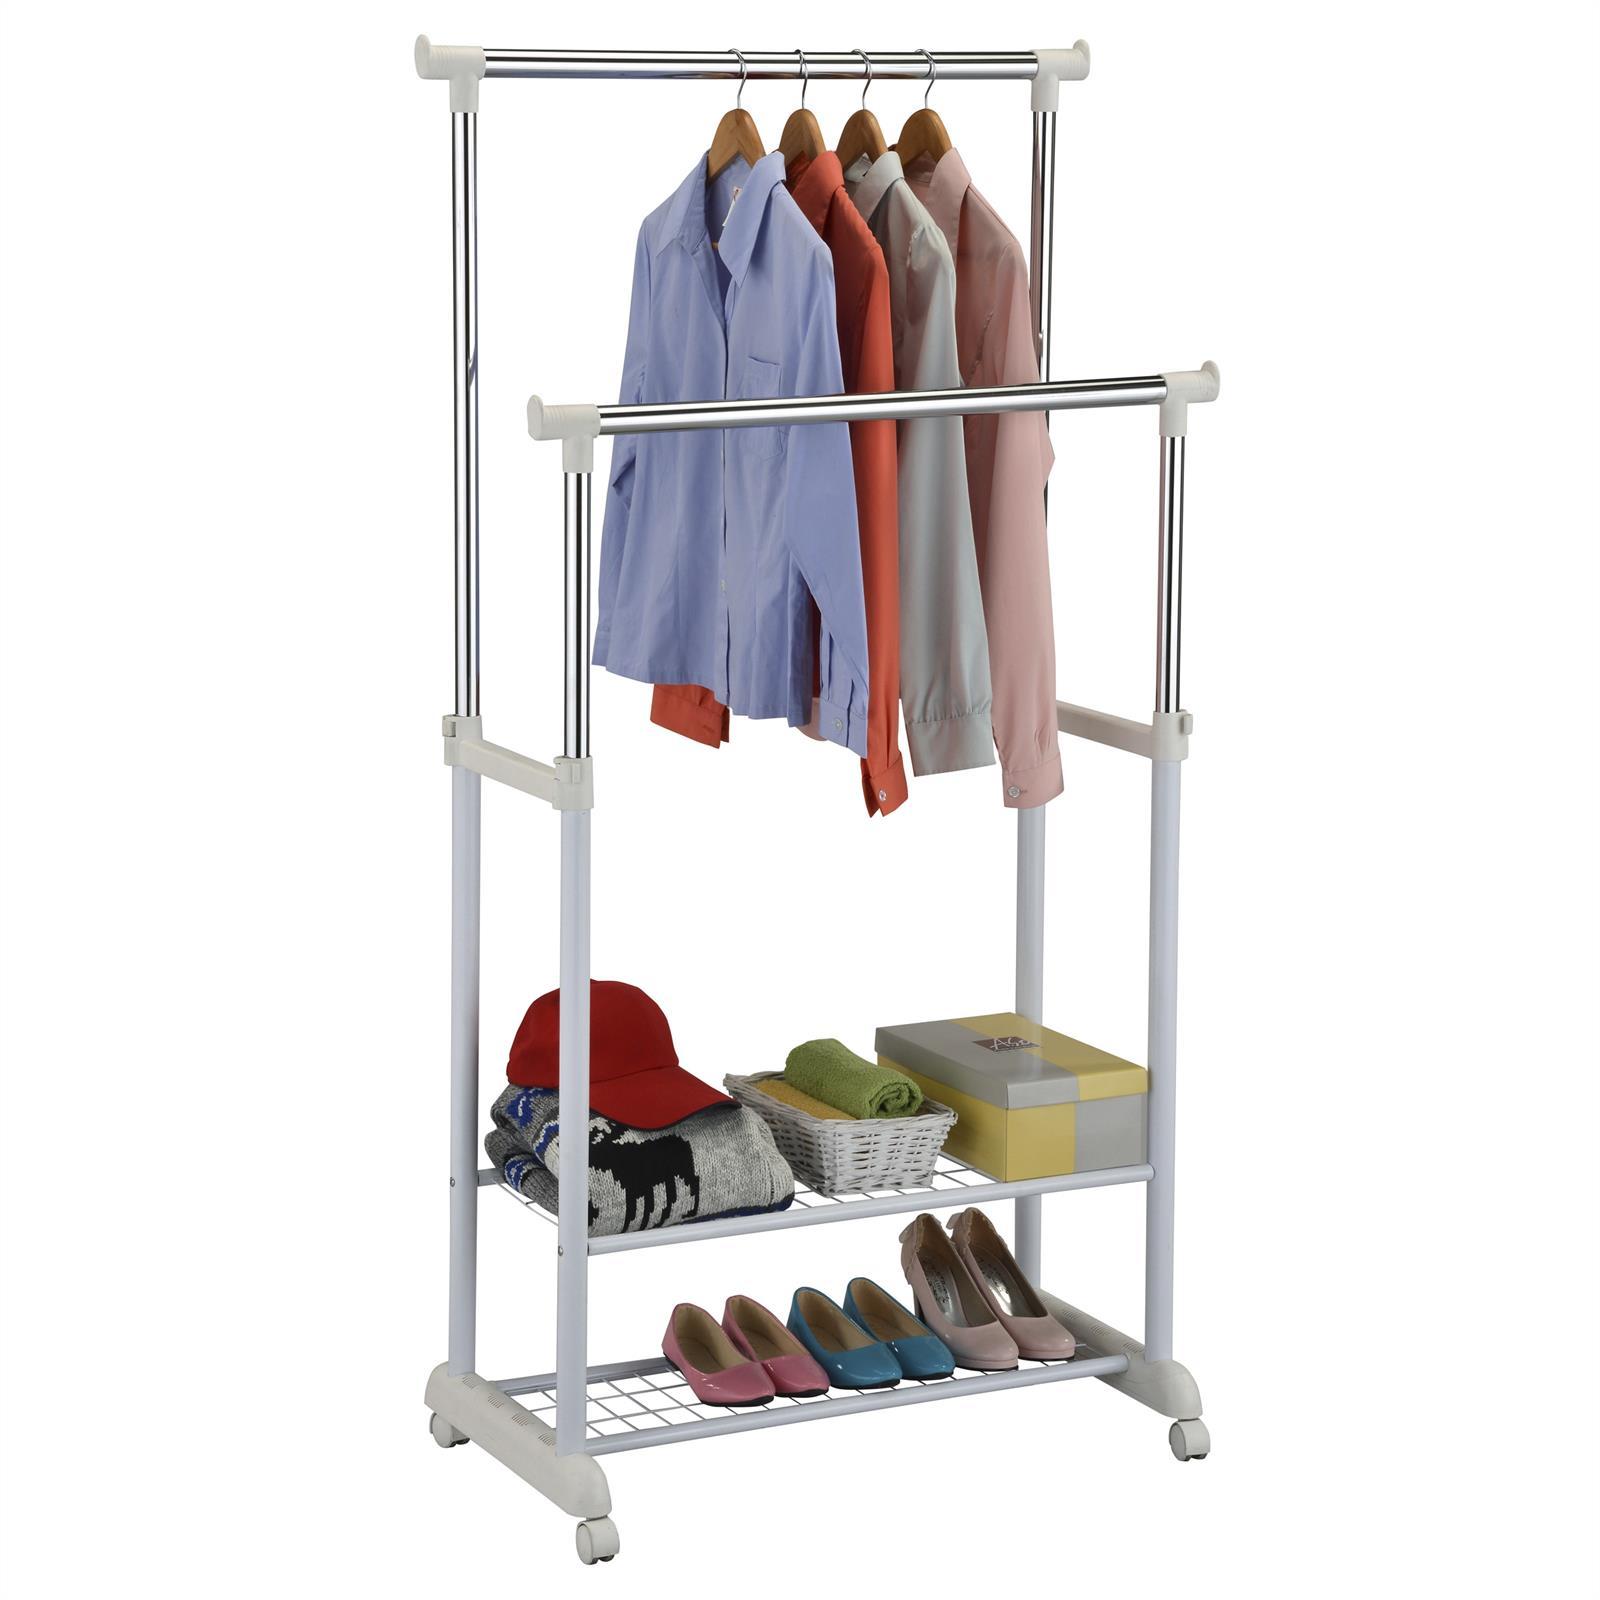 garderobenwagen kleiderst nder rollgarderobe garderobe 2 ablagen kleiderstange ebay. Black Bedroom Furniture Sets. Home Design Ideas